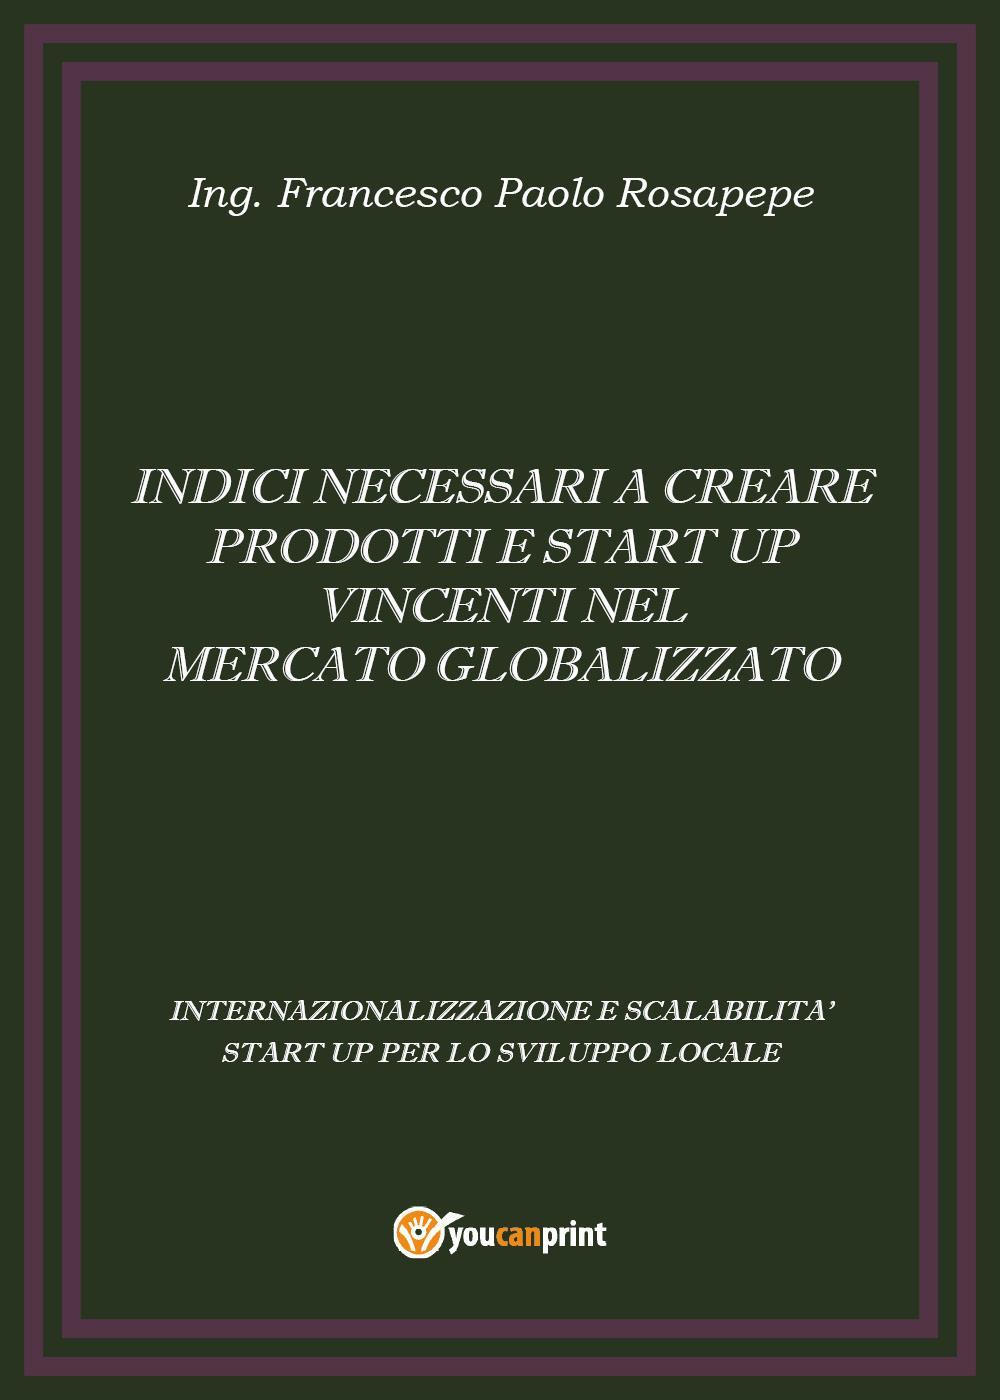 Indici necessari a creare prodotti e start up vincenti nel mercato globalizzato